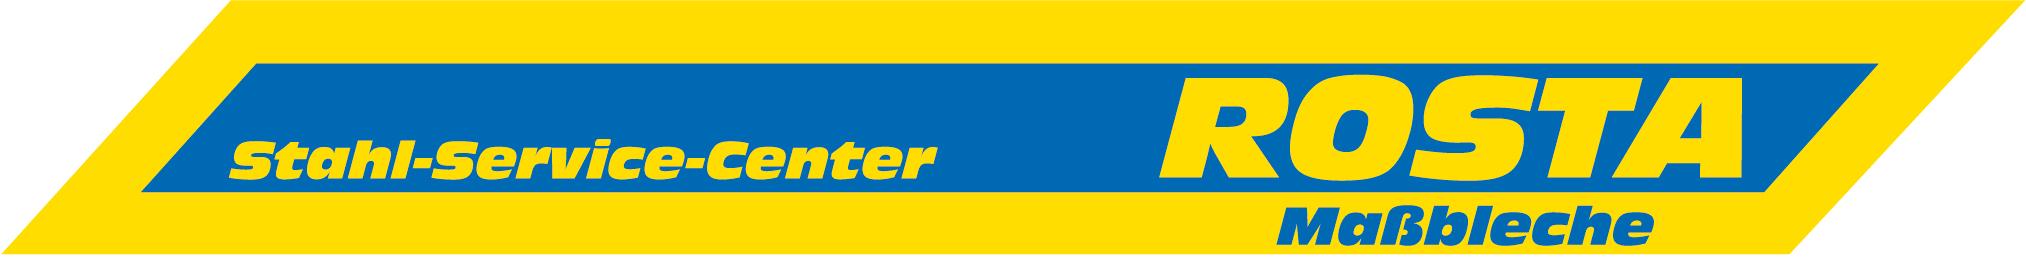 RoSta Maßbleche GmbH  / Plasmazuschnitte / Autogenzuschnitte / Laserzuschnitte